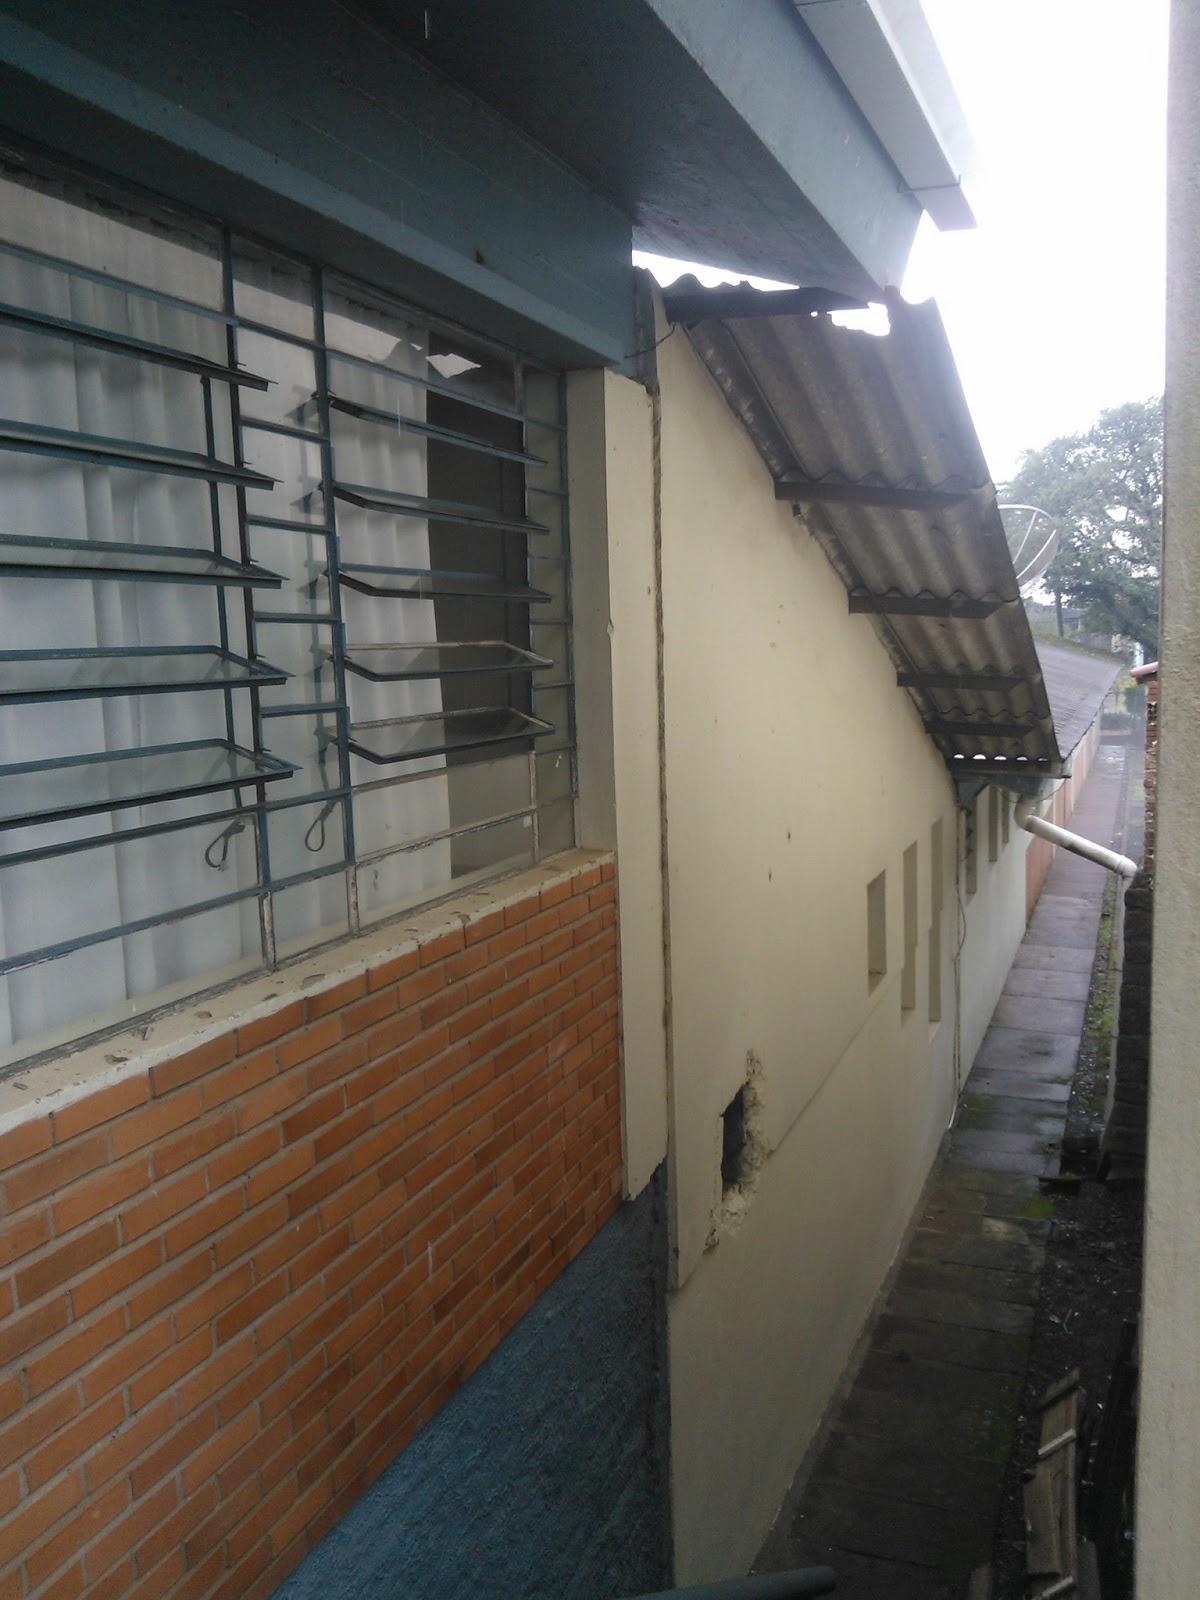 água desperdiçada na pai do banheiro masculino !!!: Fotos do Projeto #65442D 1200 1600